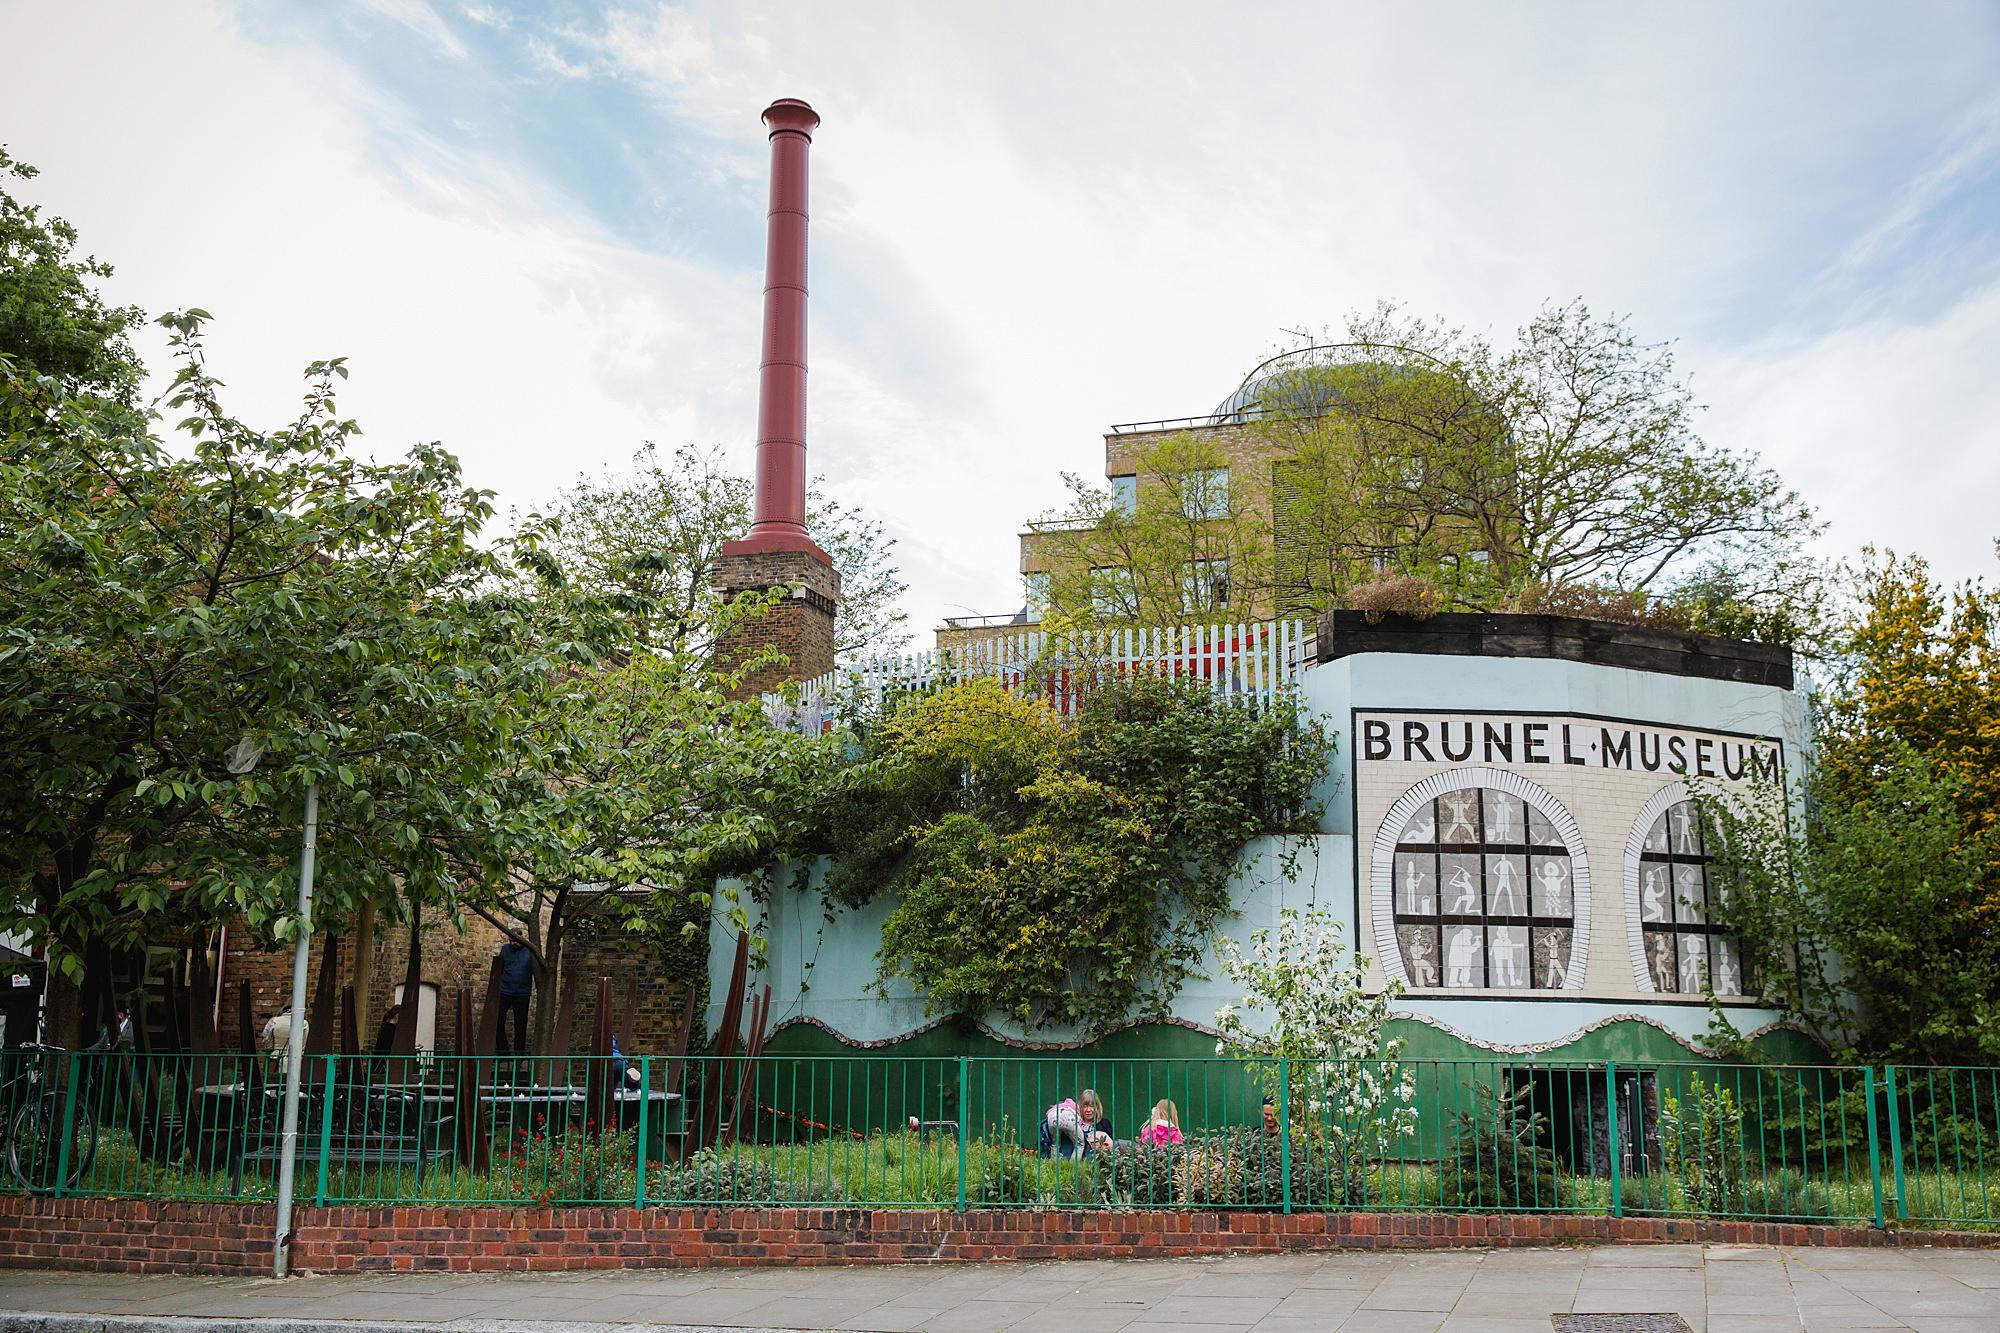 Brunel museum exterior